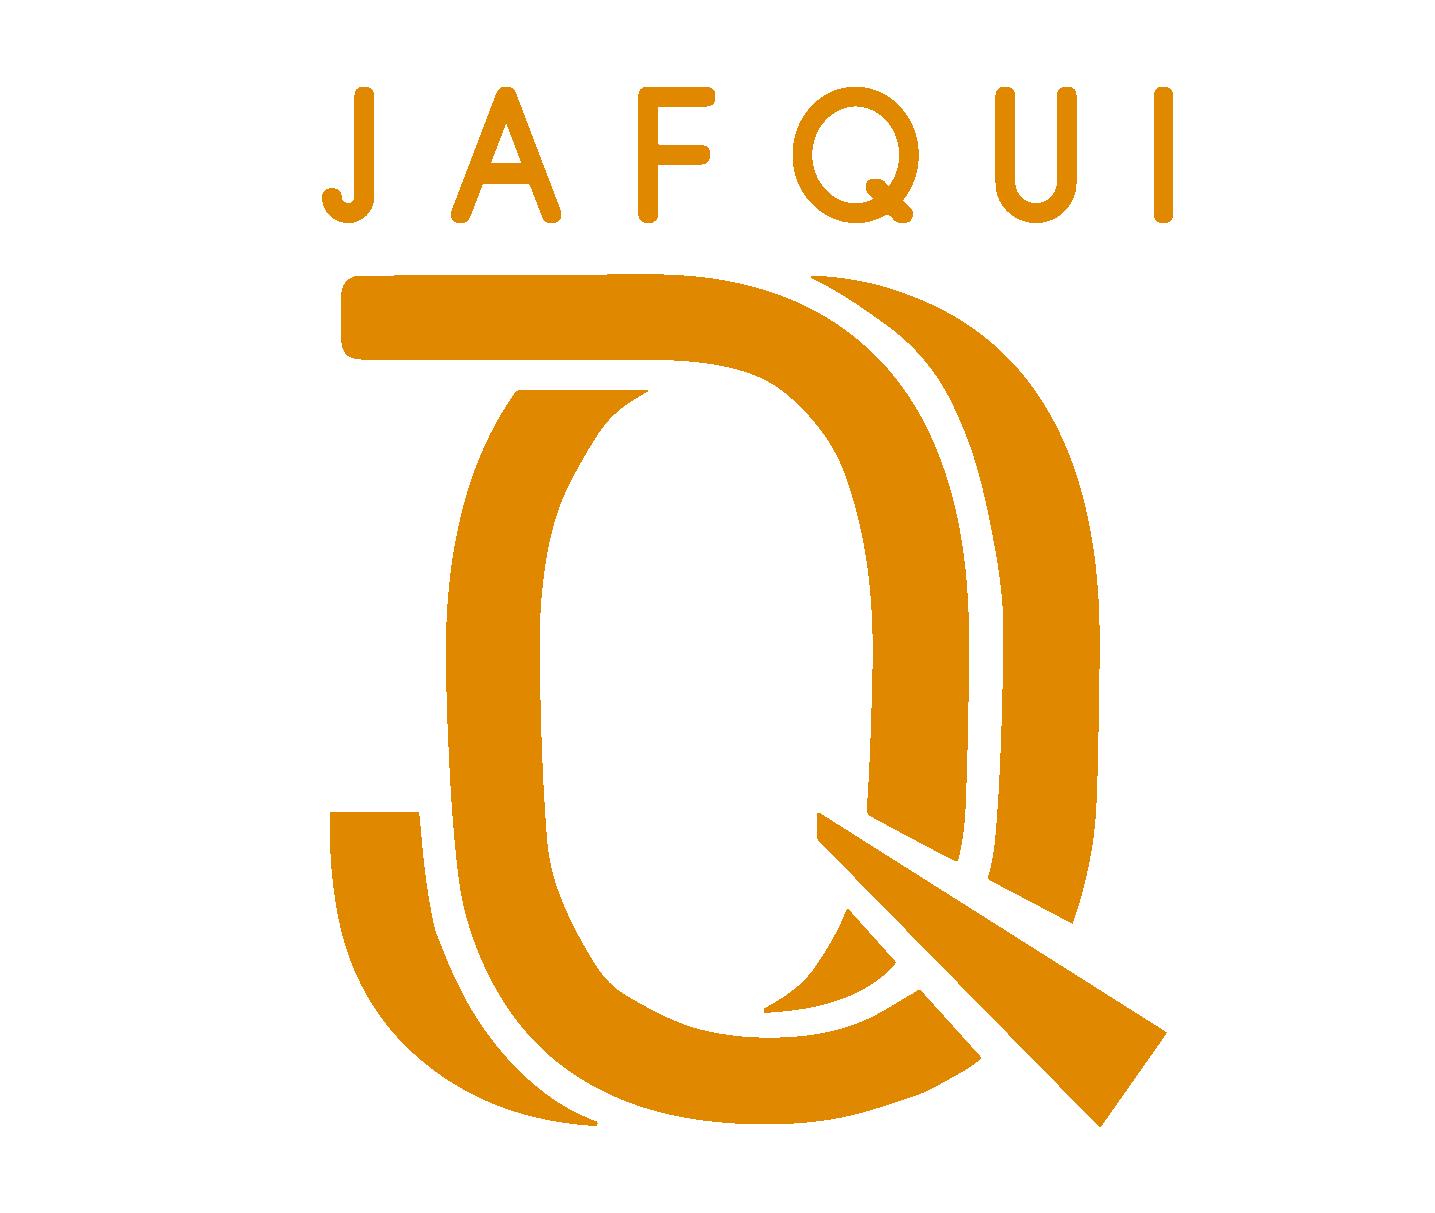 logos vectoritzats-02